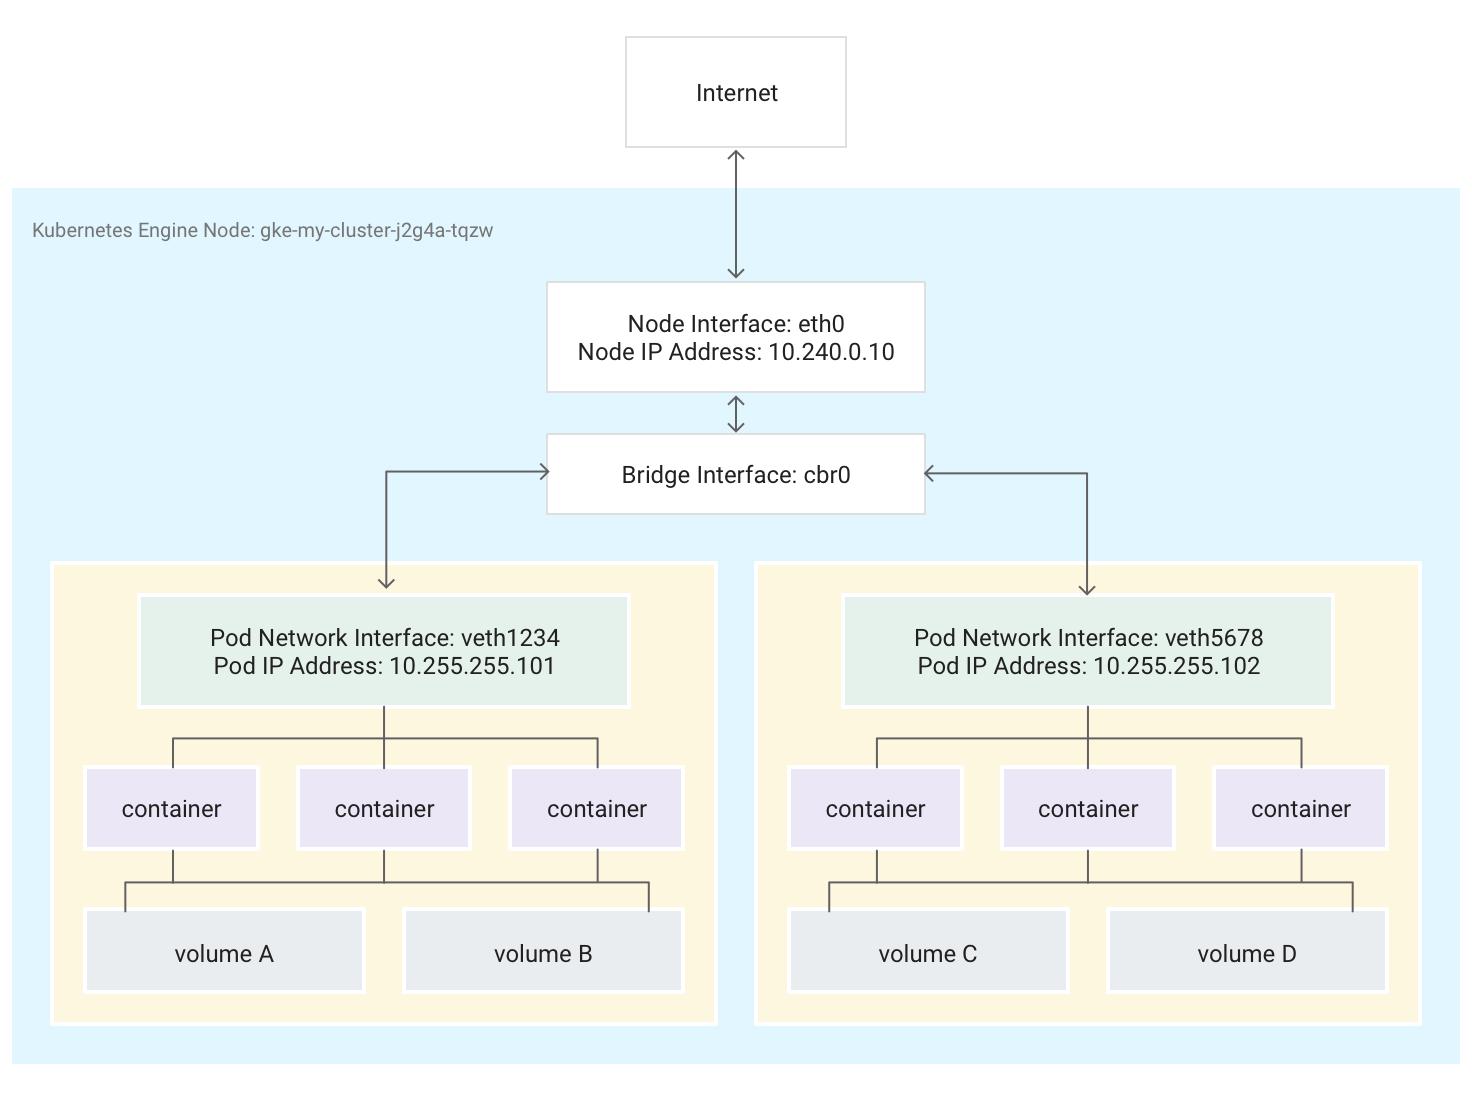 Diagrama mostrando um único nó executando dois pods, conforme descrito no parágrafo acima